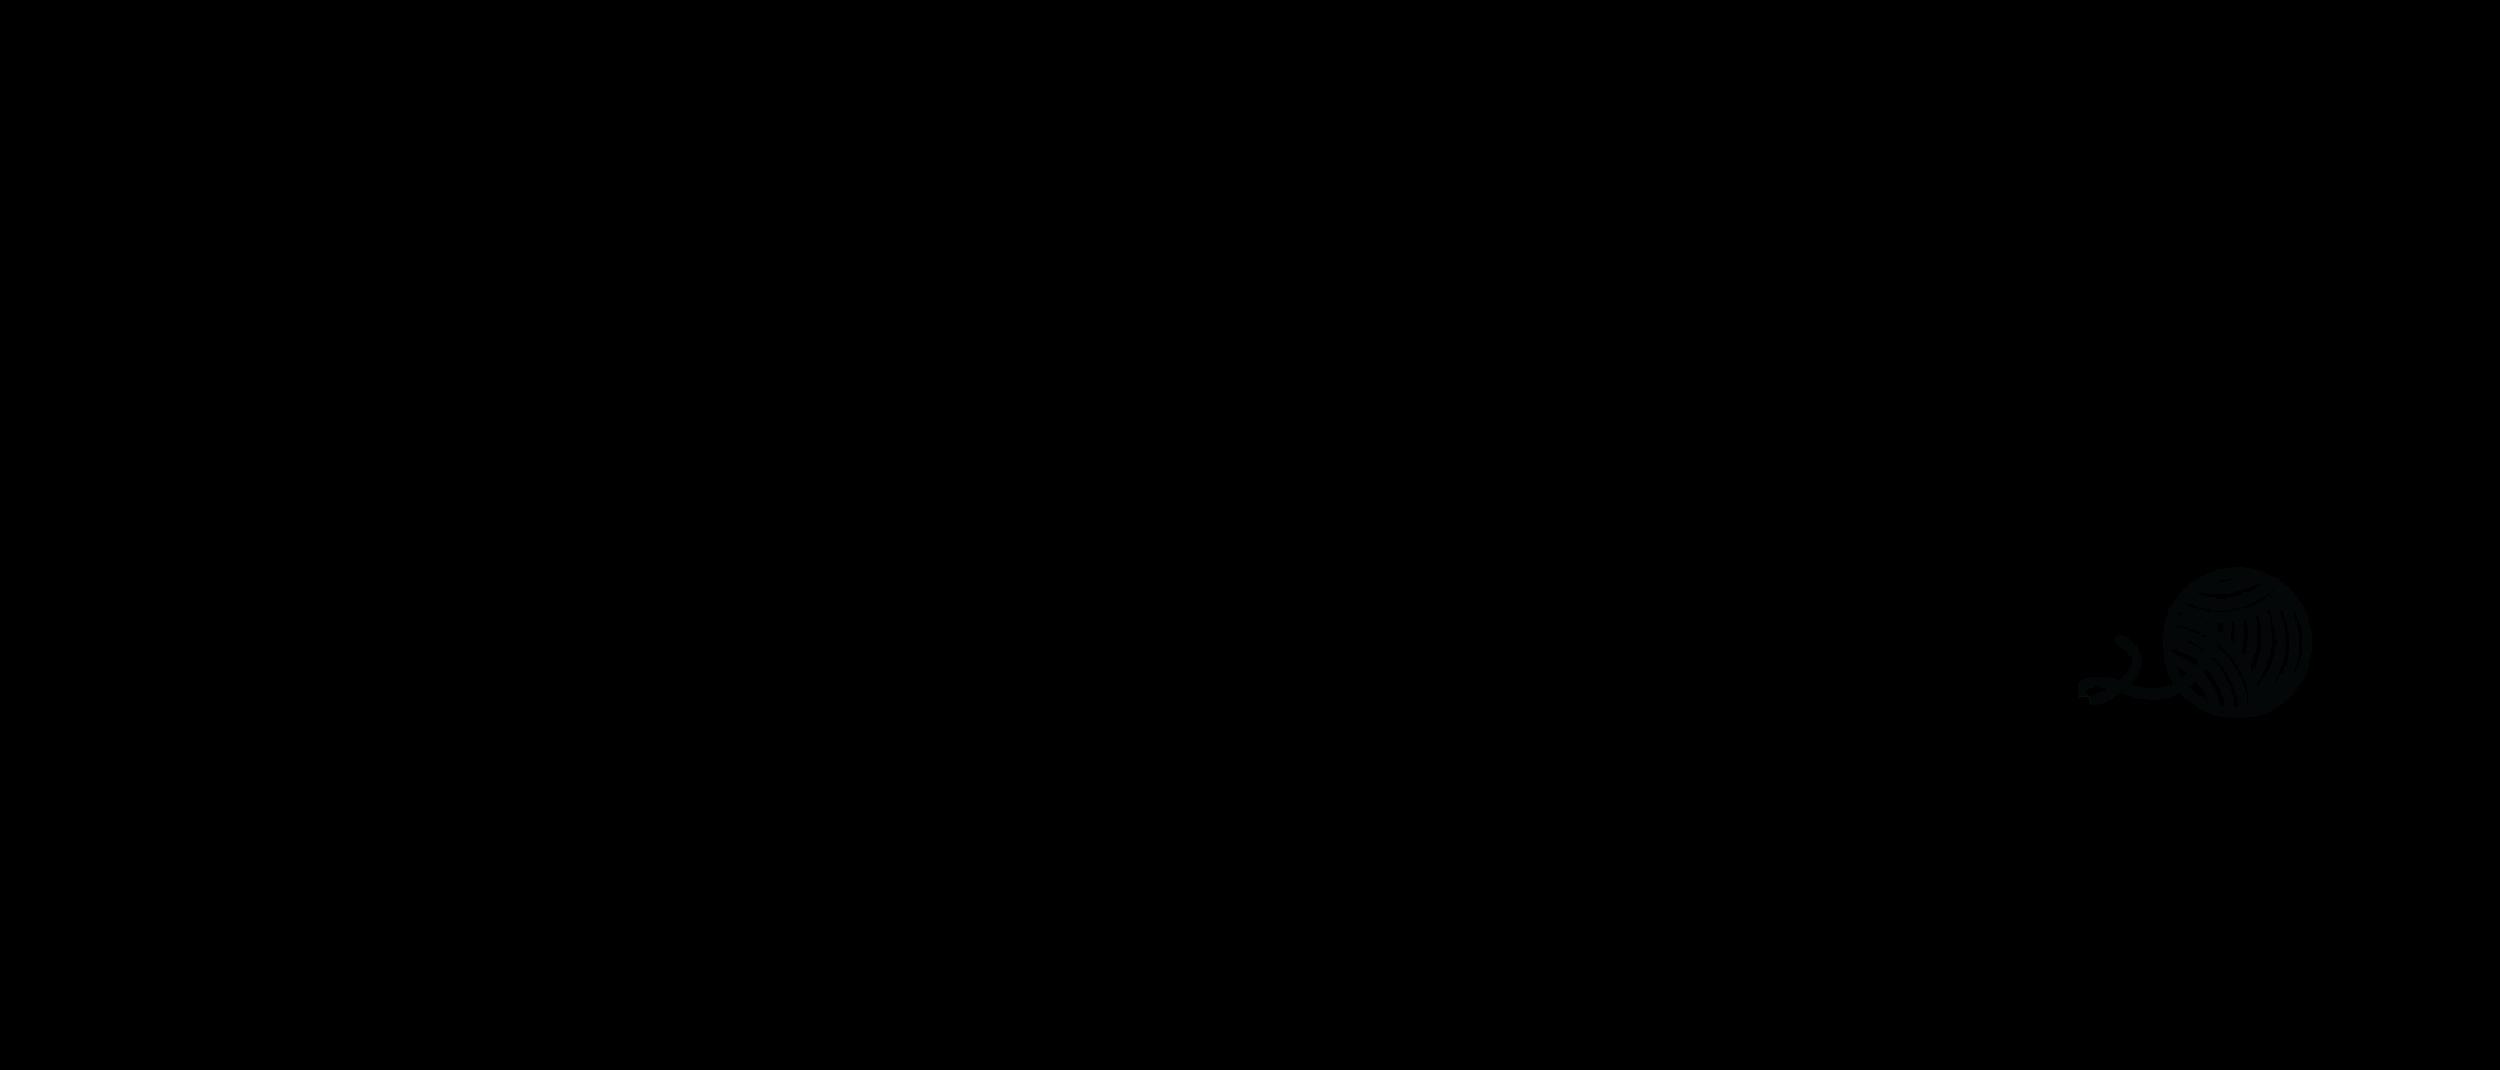 logocu pisica2-03.png